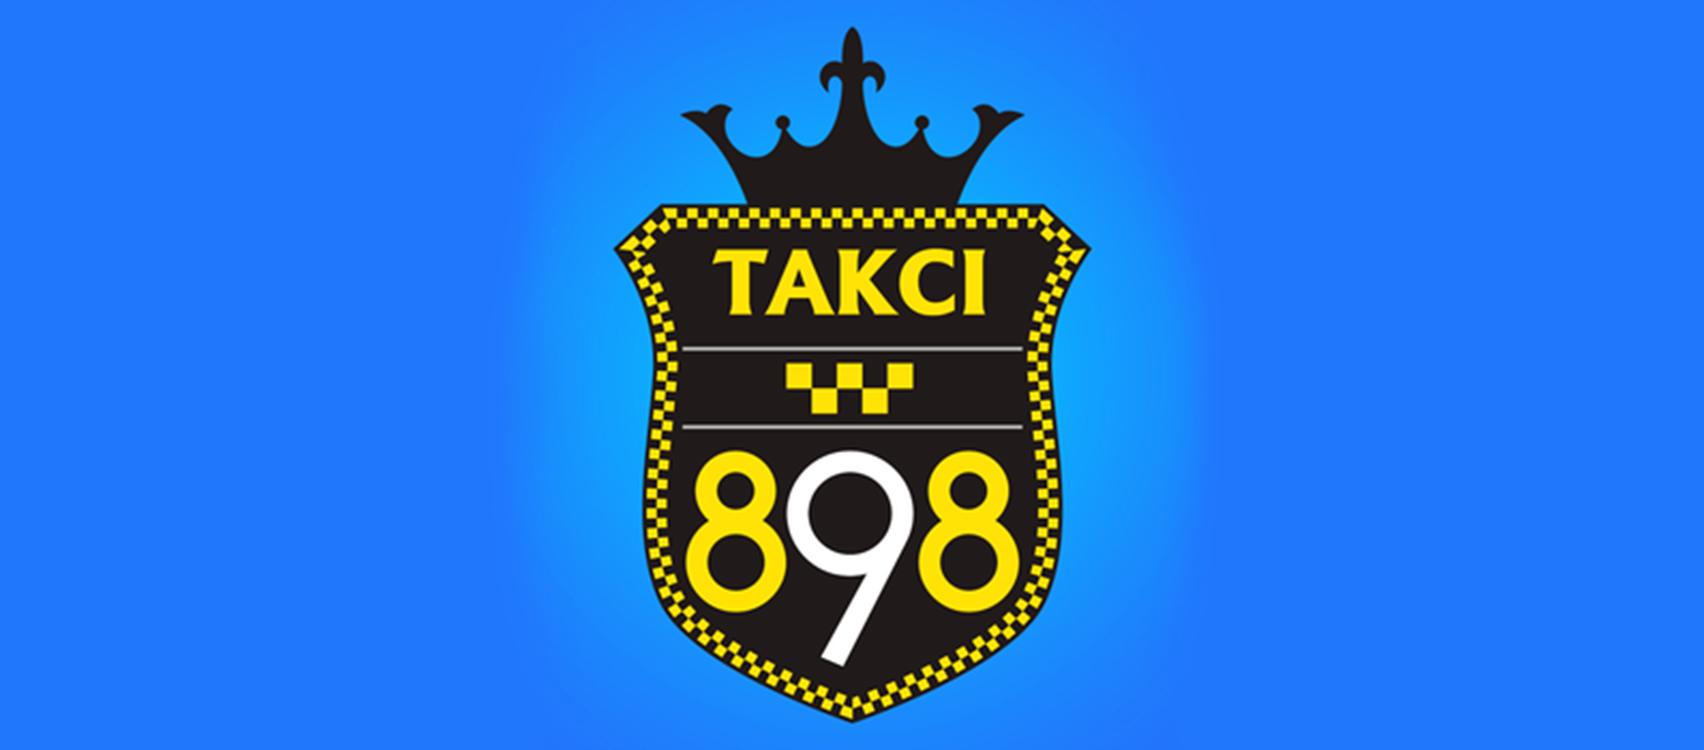 Таксі 898  (Мариупіль)